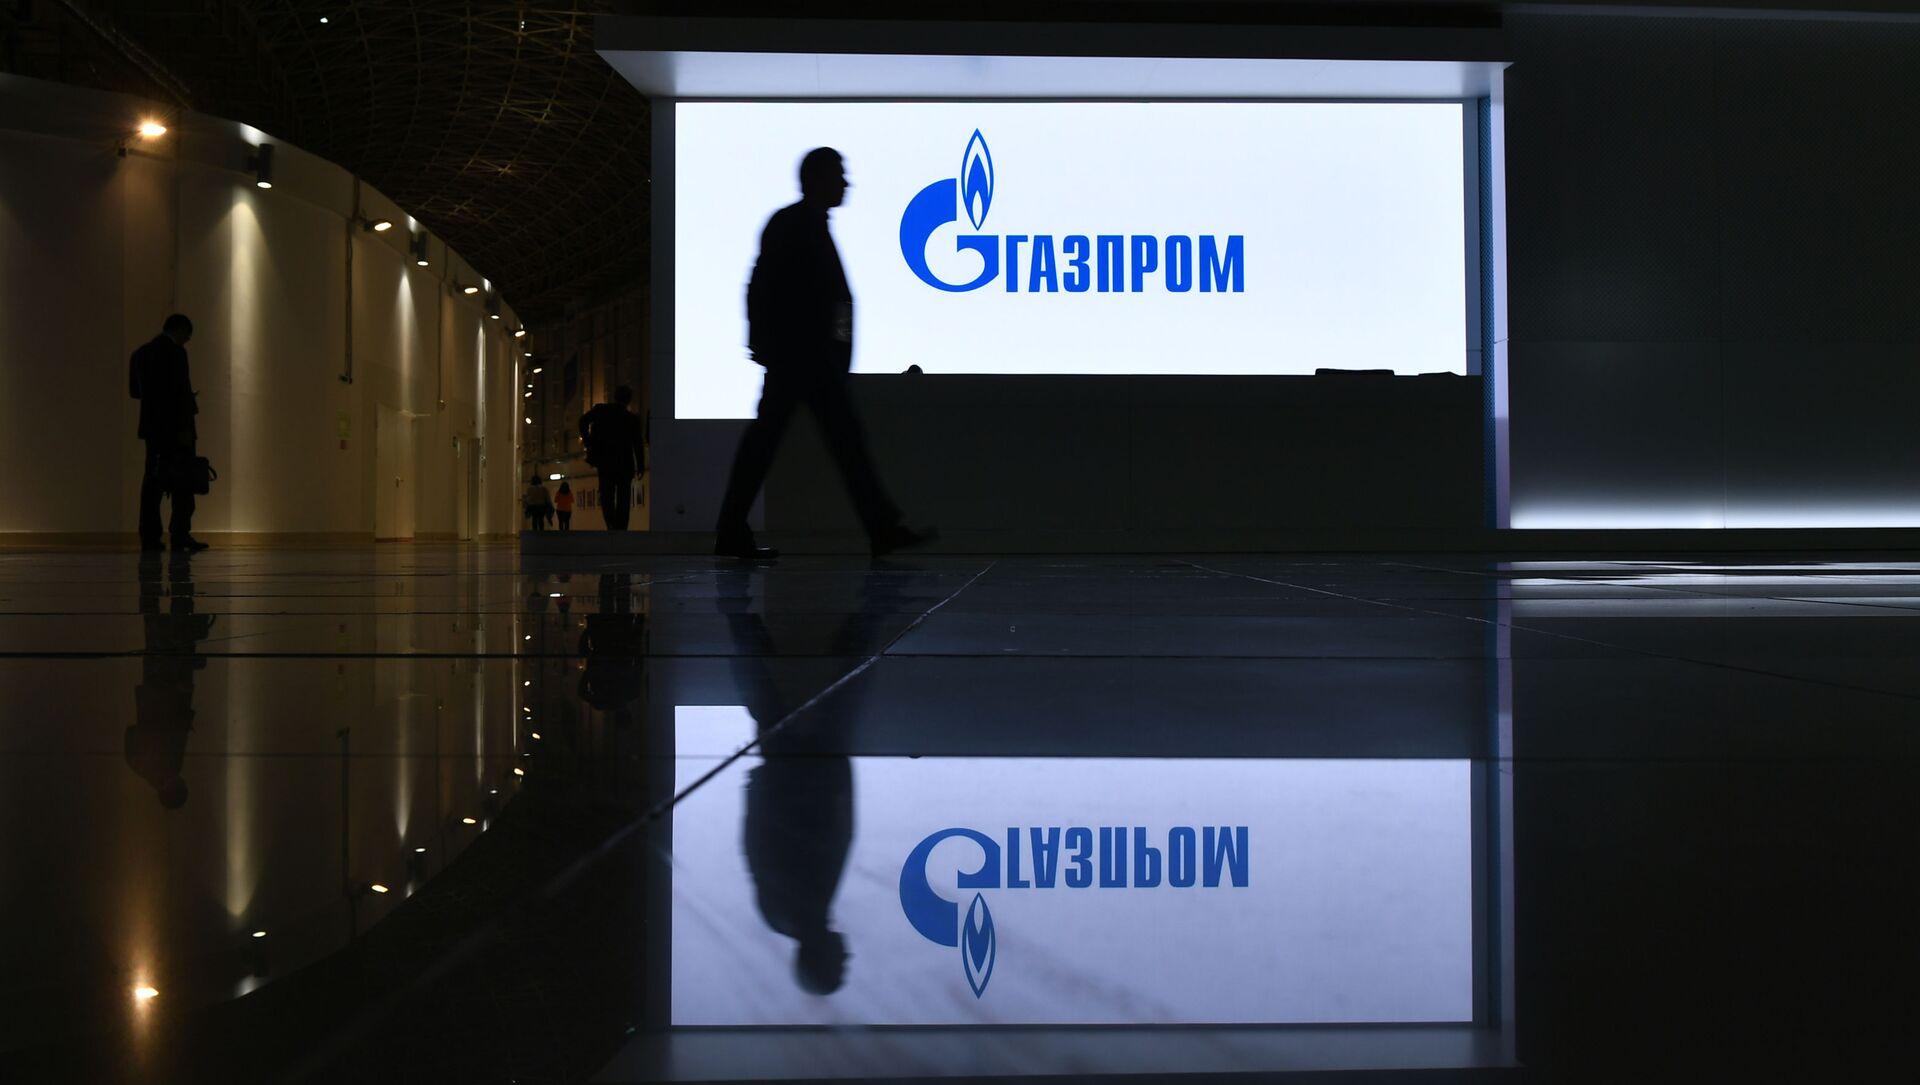 Qazprom stendi, arxiv şəkli - Sputnik Azərbaycan, 1920, 01.09.2021